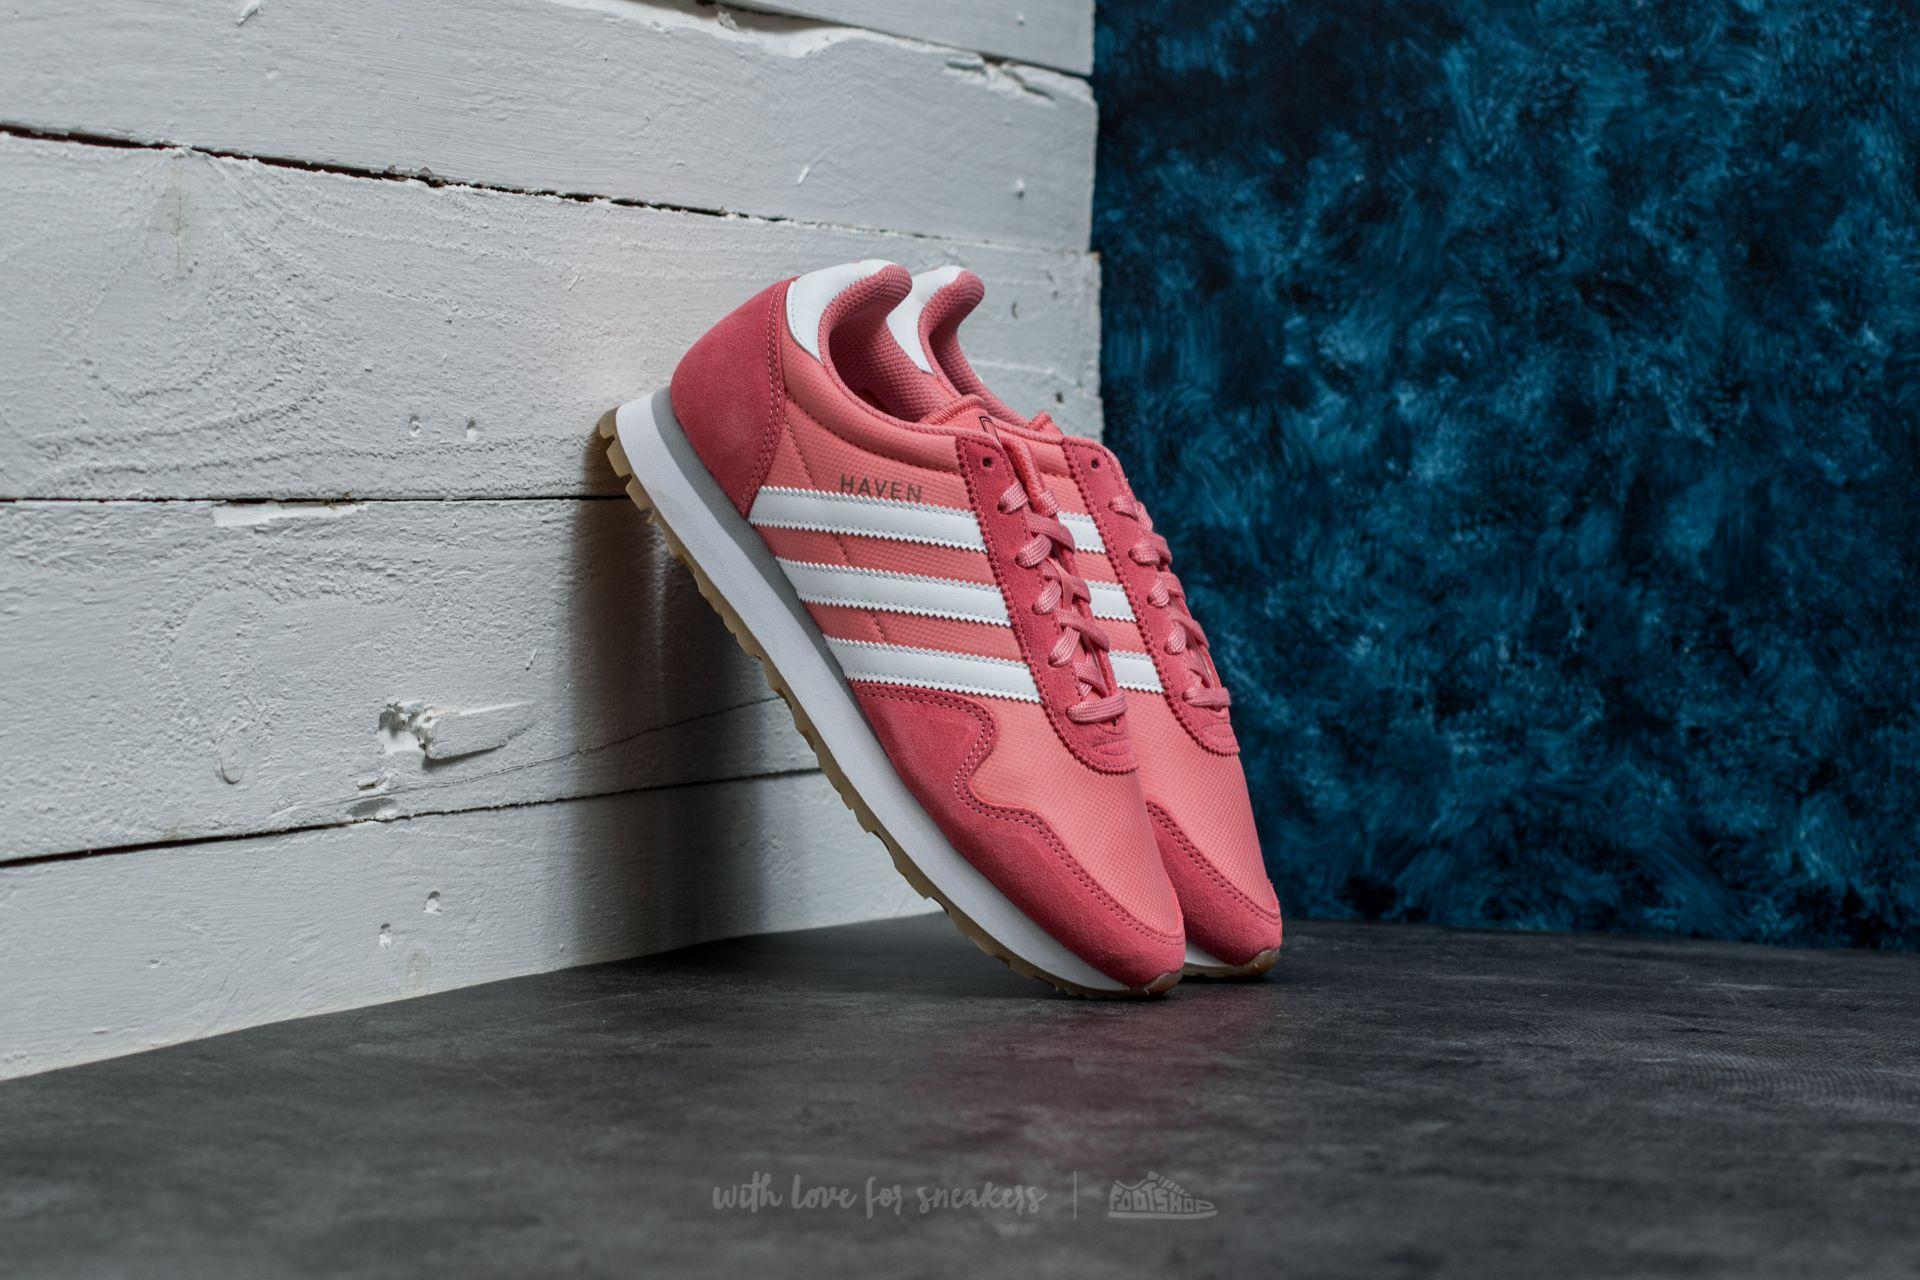 adidas Haven W Tacros  Ftw White  Gum3  b97767f53